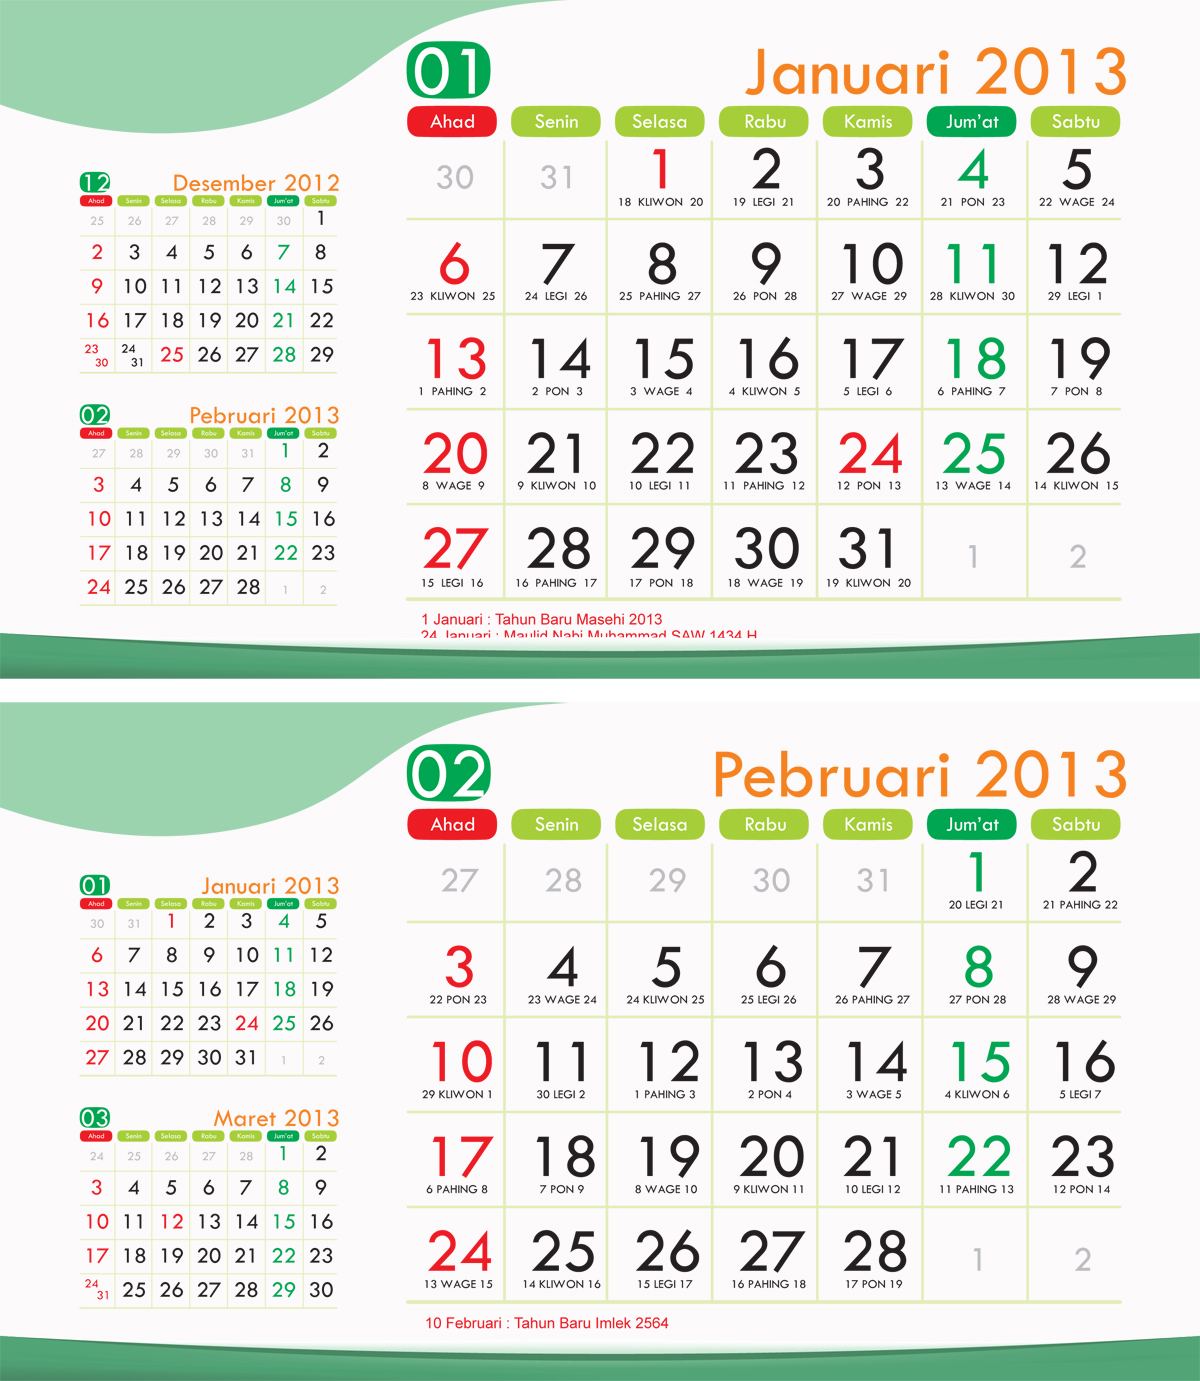 ... kalender+meja+dinding+jawa+pasaran+pranotomongso+hijriah+kalender